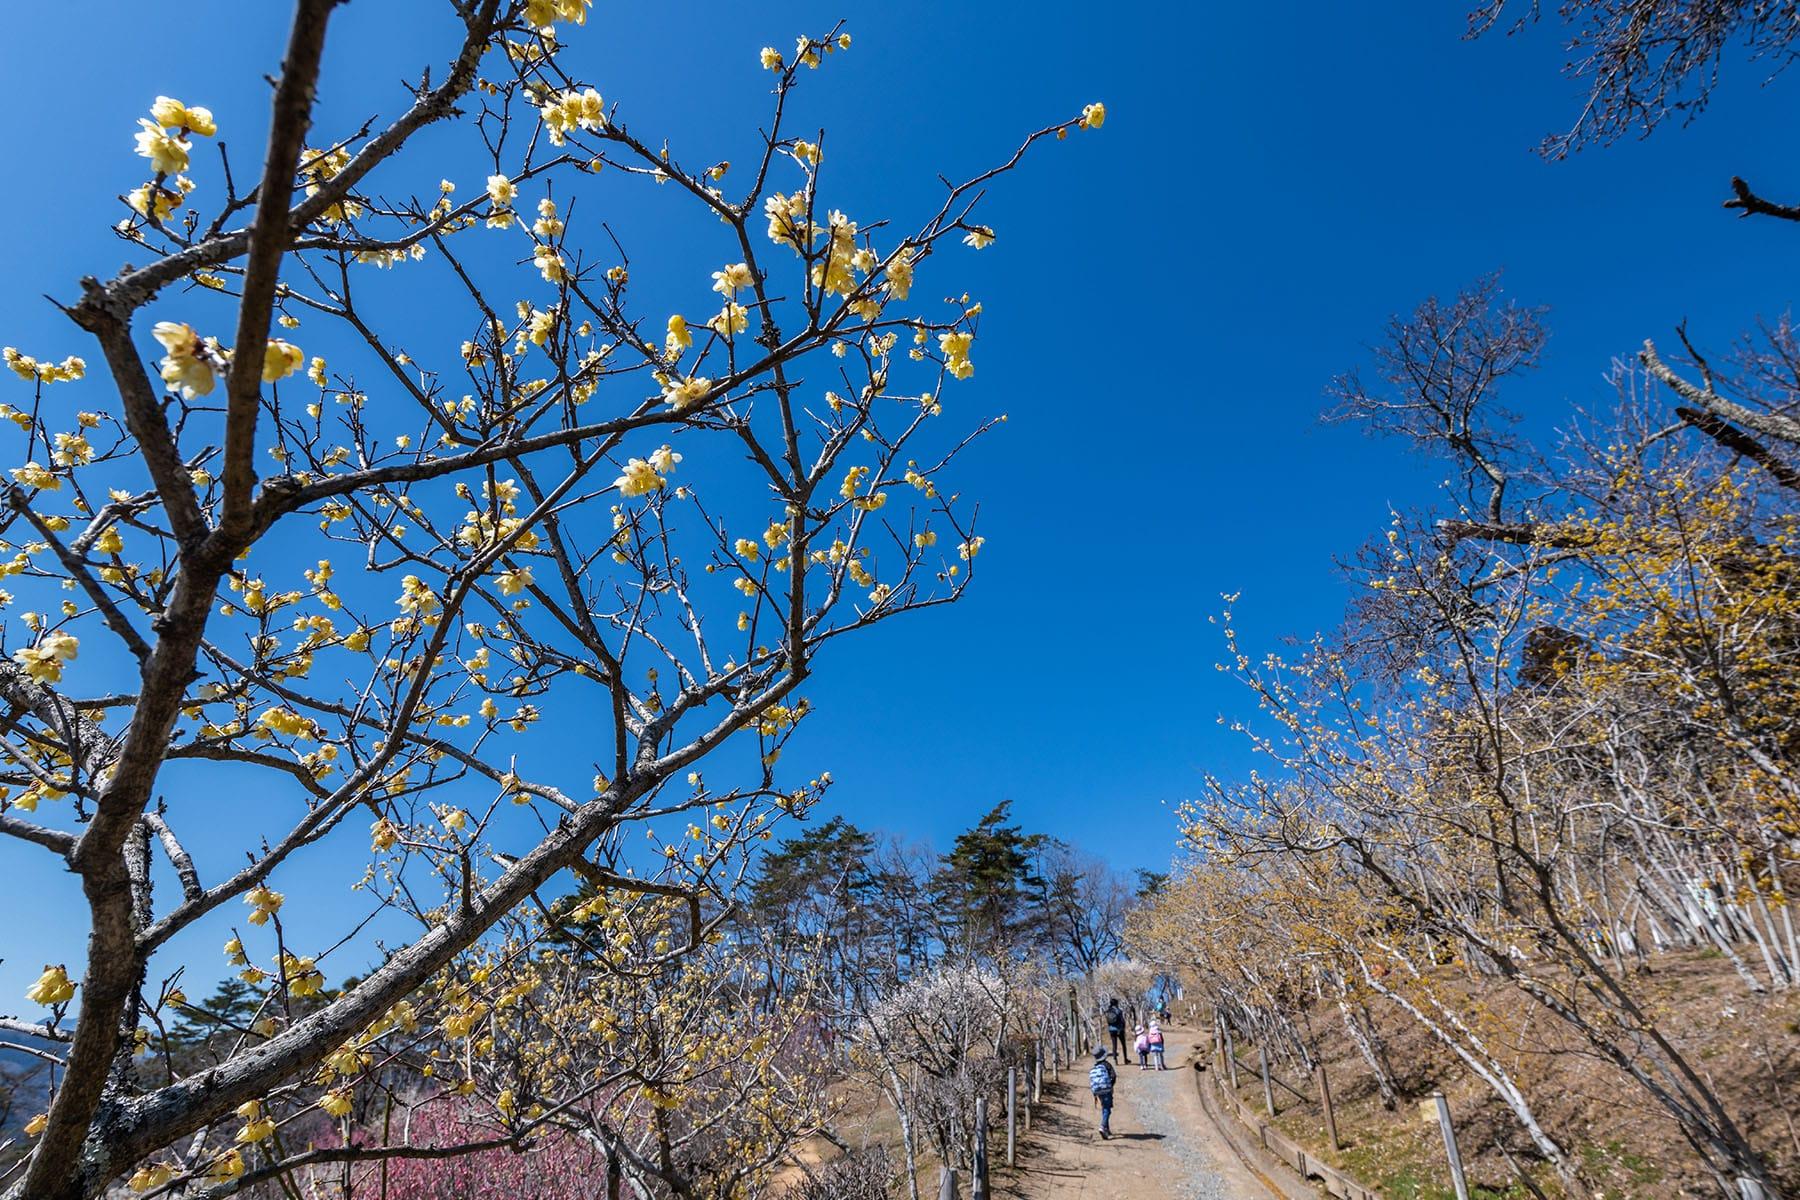 宝登山の梅林【長瀞・宝登山|埼玉県秩父郡長瀞町】 | フォトさいたま